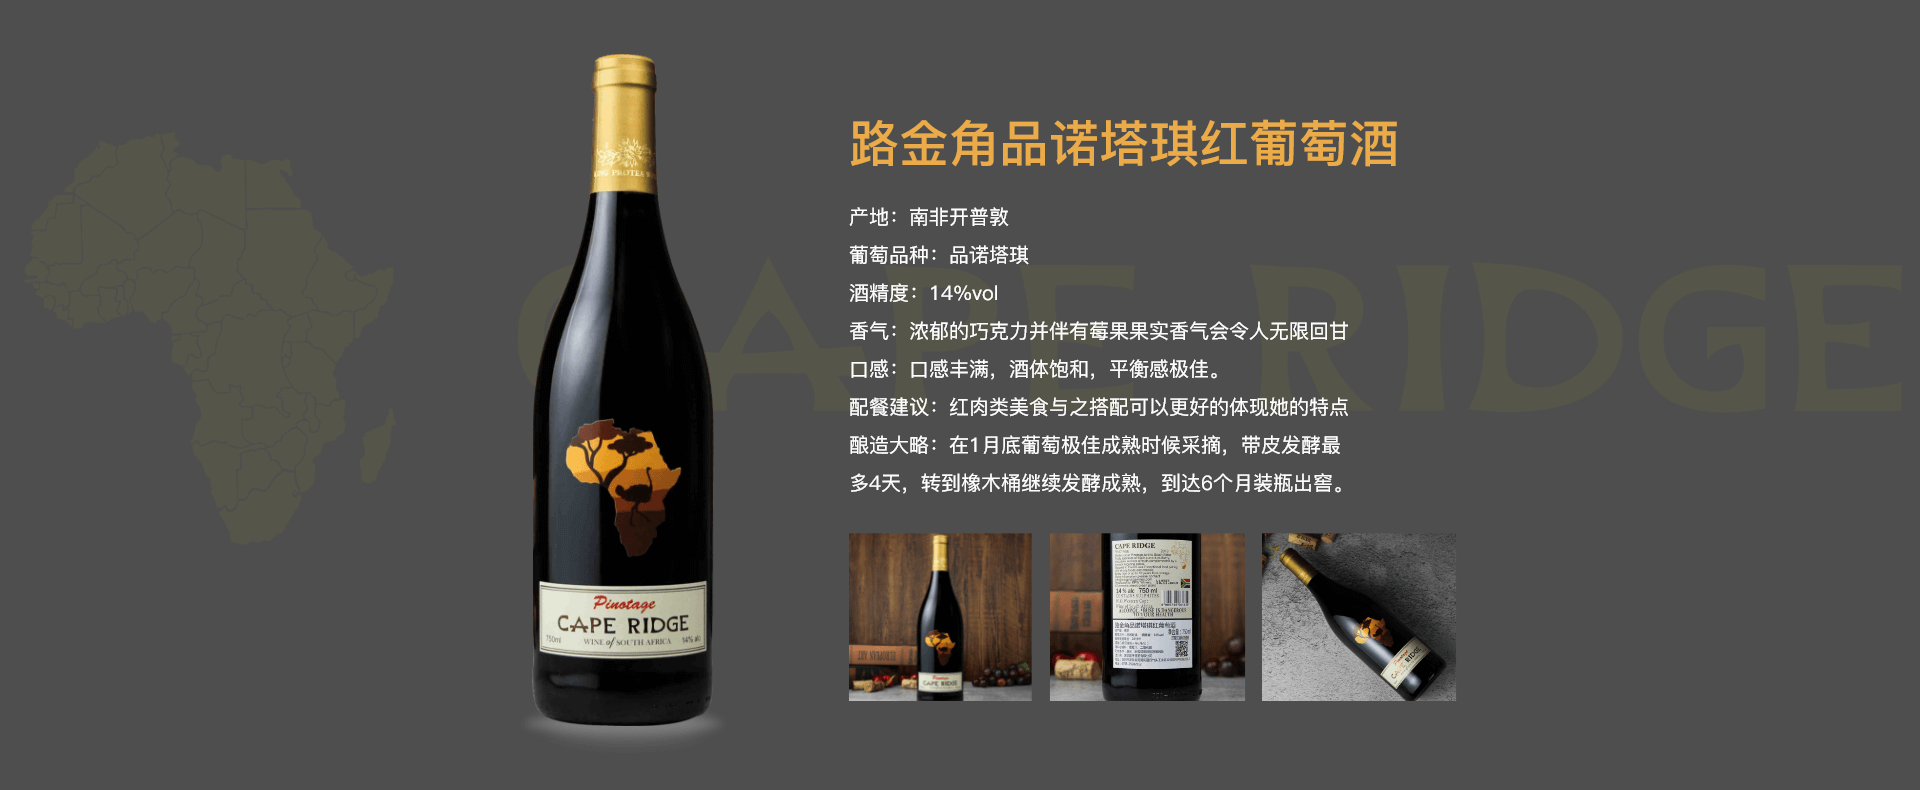 欧孚葡萄酒